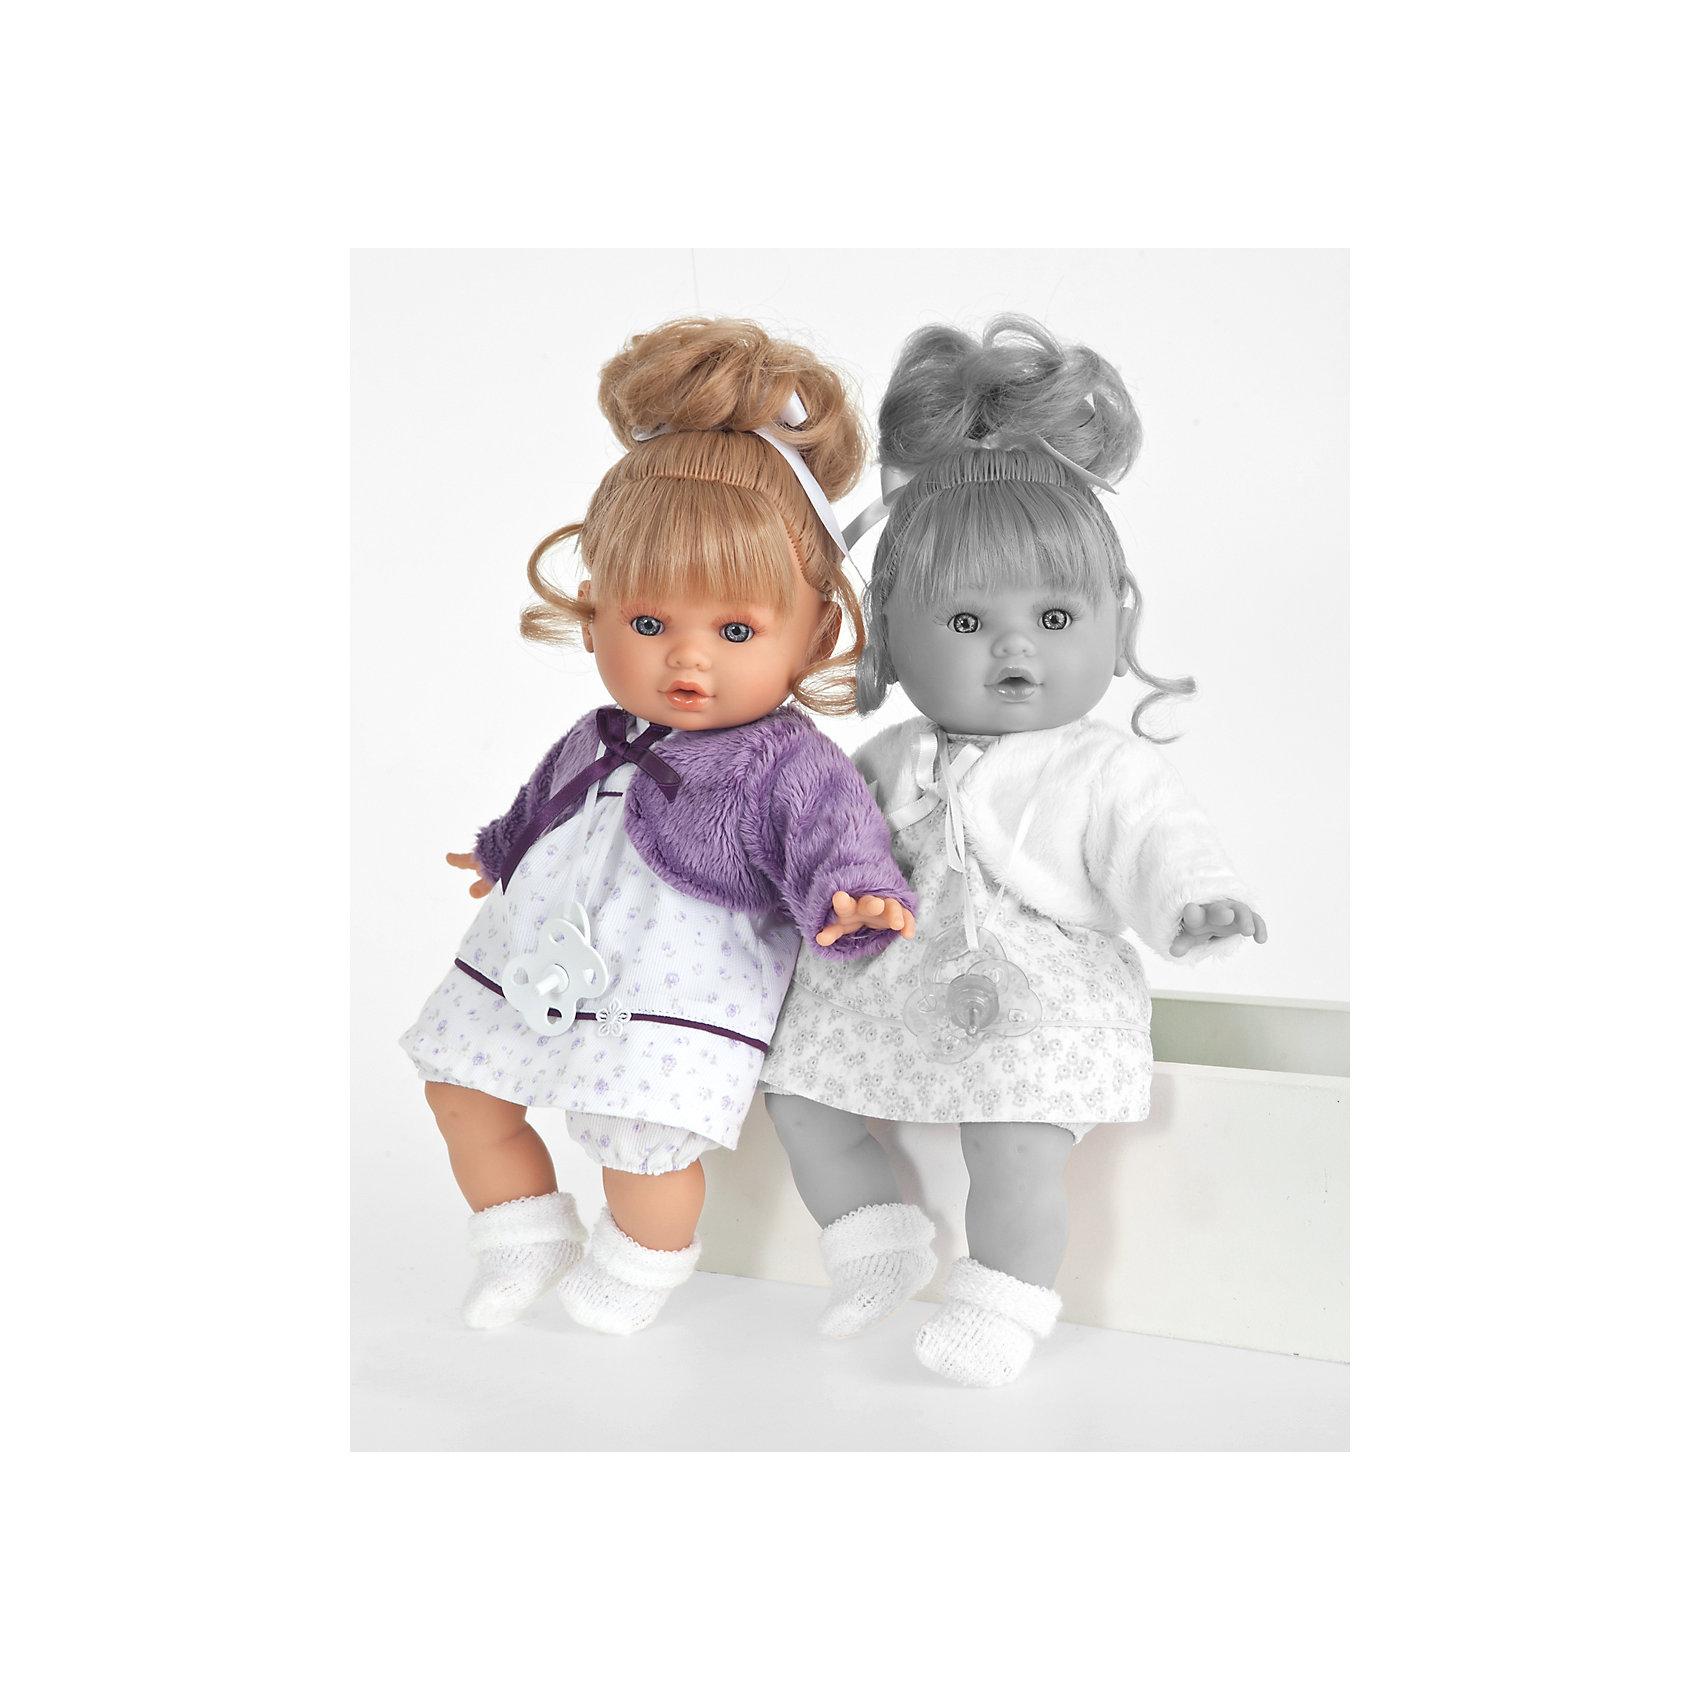 Кукла Леонора в фиолетовом, 33 см, Munecas Antonio JuanОчаровательная малышка Леонора, Munecas Antonio Juan (Мунекас Антонио Хуан), покорит не только детей но даже их родителей. Куколка выглядит как настоящая маленькая девочка, а ее трогательный внешний вид вызывает только самые положительные и добрые эмоции. Все куклы Антонио Мунекас производятся в Испании в маленьком городе Аликанте и отличаются высоким качеством и потрясающим сходством с настоящими младенцами. В коллекции представлены куклы разных возрастов, как новорожденных так и детей постарше. Все детали тщательно проработаны, пропорции идентичны строению маленького ребенка. В создании кукол и одежды для них принимали участие известные европейские дизайнеры, поэтому каждая куколка имеет свой неповторимый индивидуальный образ и чудесный модный наряд, сшитый вручную.<br><br>У куклы Леоноры милое детское личико и мягкие светлые волосы, уложенные в красивую прическу, их можно мыть шампунем и расчесывать. Искусно выполненные детали, такие как складочки на ручках и ножках, пушистые реснички, пухлые щечки и губки, придают игрушке трогательный и реалистичный вид. Туловище куклы мягконабивное и маленькая хозяйка будет с удовольствием обнимать и тискать ее. Куколка умеет плакать, предложите ей соску (входит в комплект) и малышка успокоится. У Леоноры подвижные ручки и ножки, изготовленные из высококачественного эластичного винила, глазки не закрываются. Куколка одета в симпатичное белое платьице в сиреневый цветочек и фиолетовую кофточку, на ножках теплые носочки. Эта чудесная милая куколка станет любимицей Вашей девочки и будет воспитывать в ней доброту, внимание и заботу.<br><br>Дополнительная информация:<br><br>- В комплекте: кукла, одежда, соска. <br>- Материал: текстиль, винил.<br>- Требуются батарейки: 3 х АА 1,5V (входят в комплект).<br>- Высота куклы: 33 см.<br>- Размер упаковки: 12 x 34 x 19 см.<br>- Вес: 0,782 кг.<br><br>Куклу Леонора в фиолетовом, Munecas Antonio Juan (Мунекас Антонио Хуан), можно купить в н